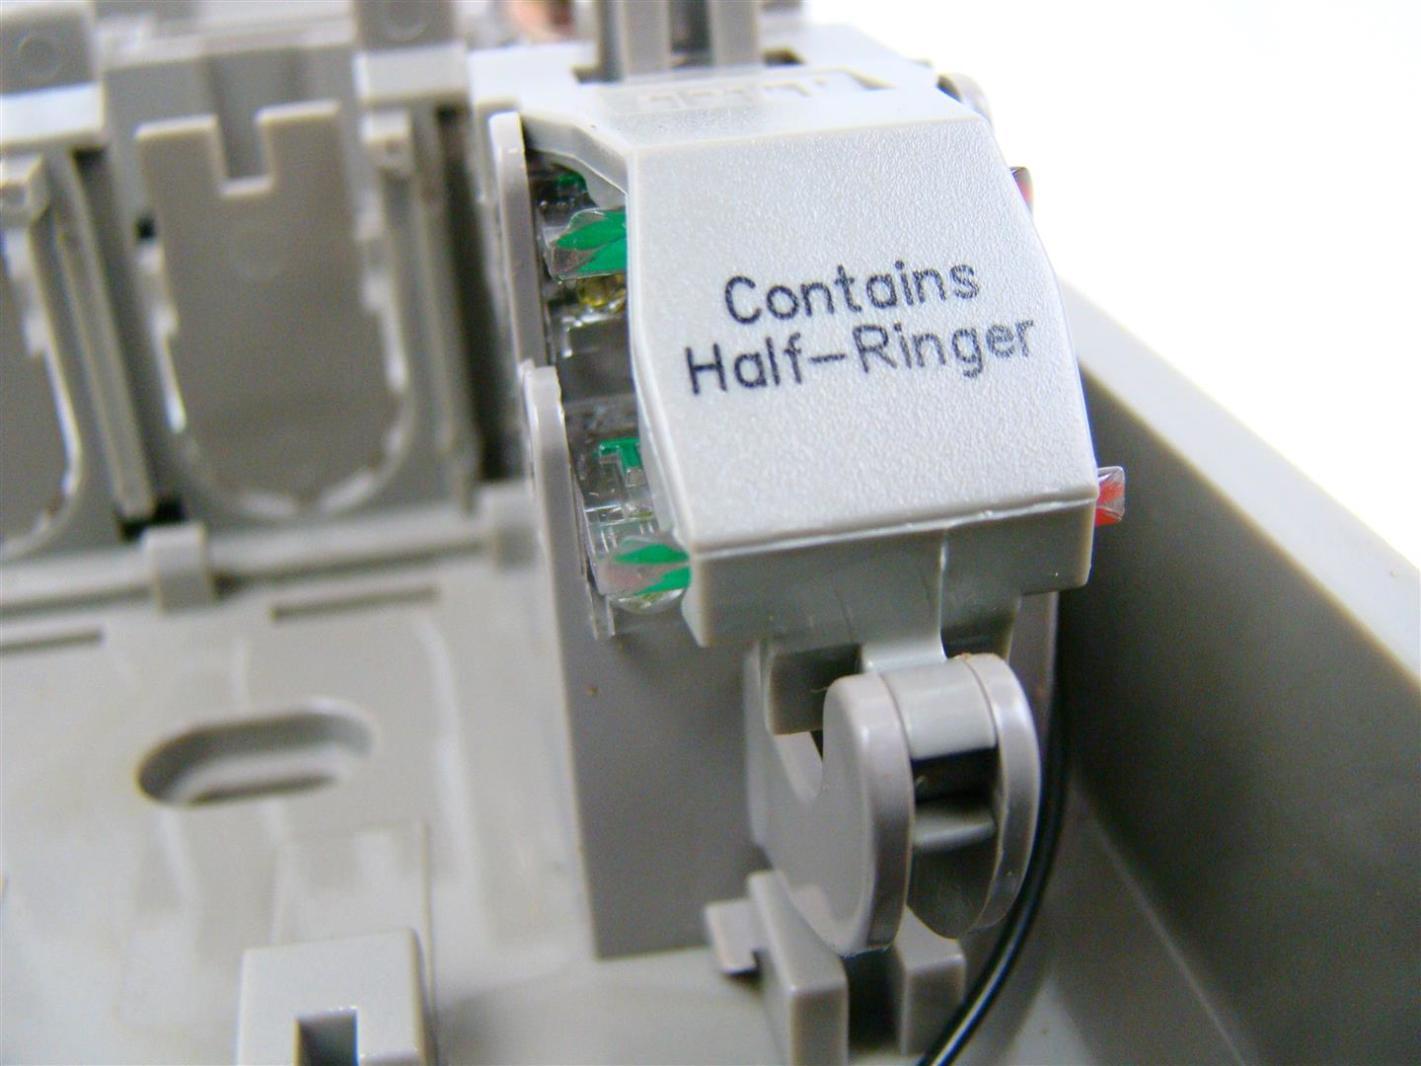 verizon network interface device panel box 3712h-71-2l01